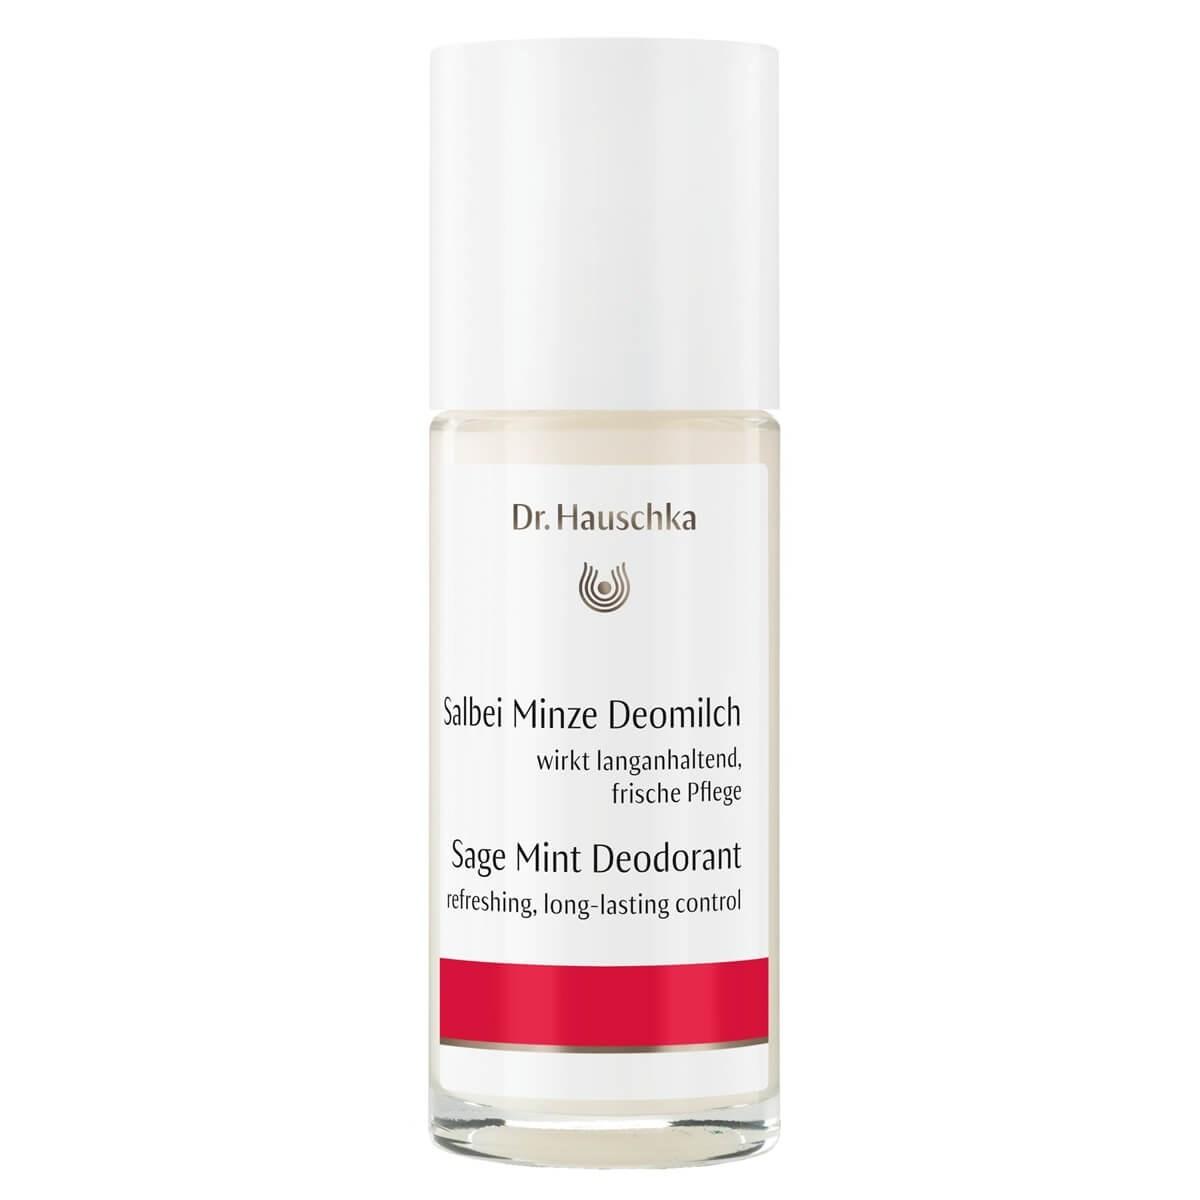 Dr Hauschka Sage Mint Deodorant